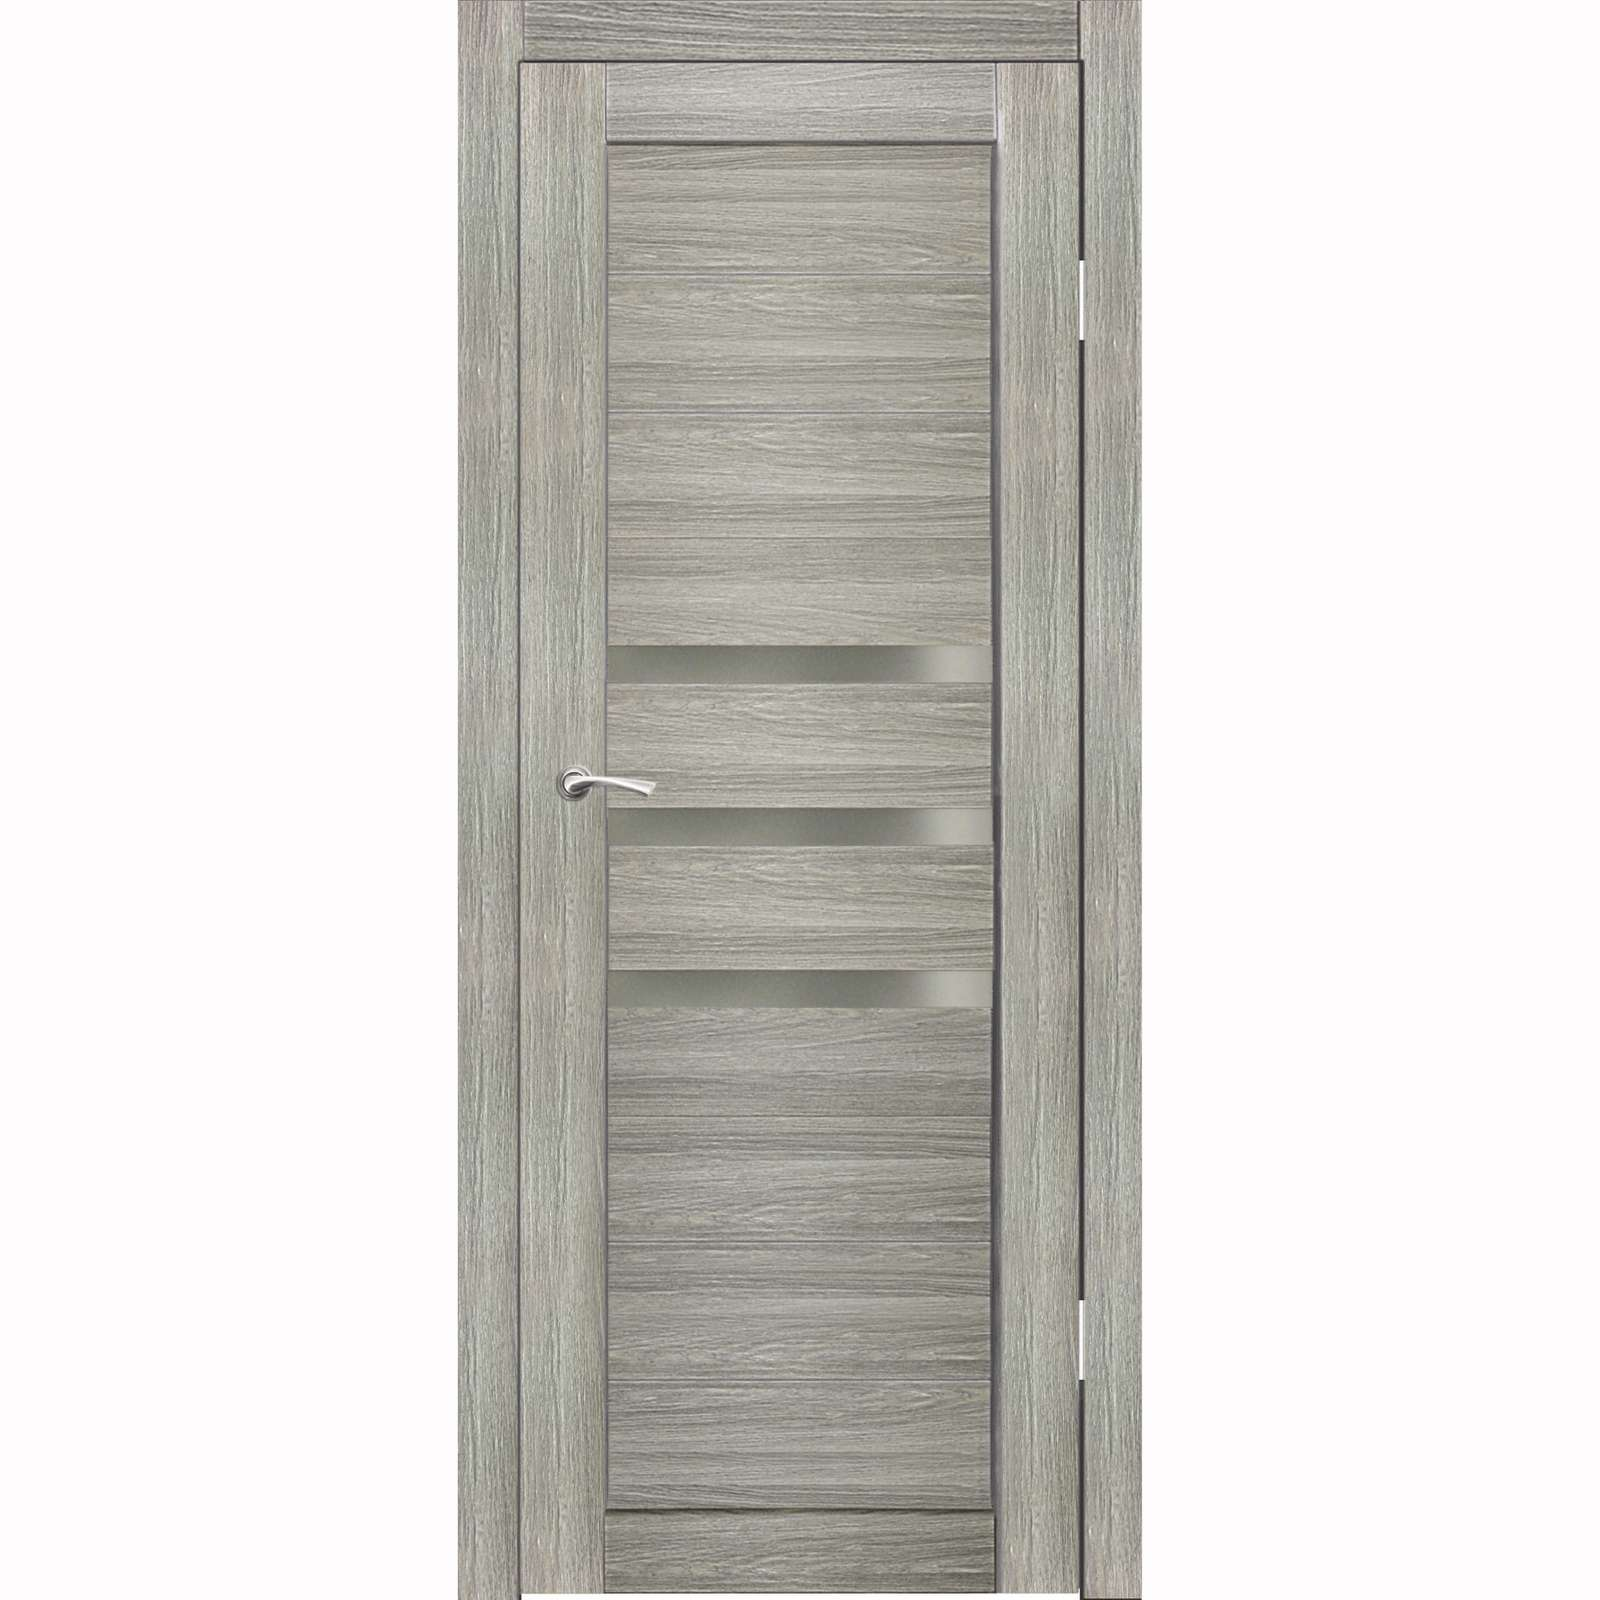 Полотно дверное остекленное Грация (стекло сатин бронза) СИНЕРЖИ ель ПВХ, ПДО 900х2000мм